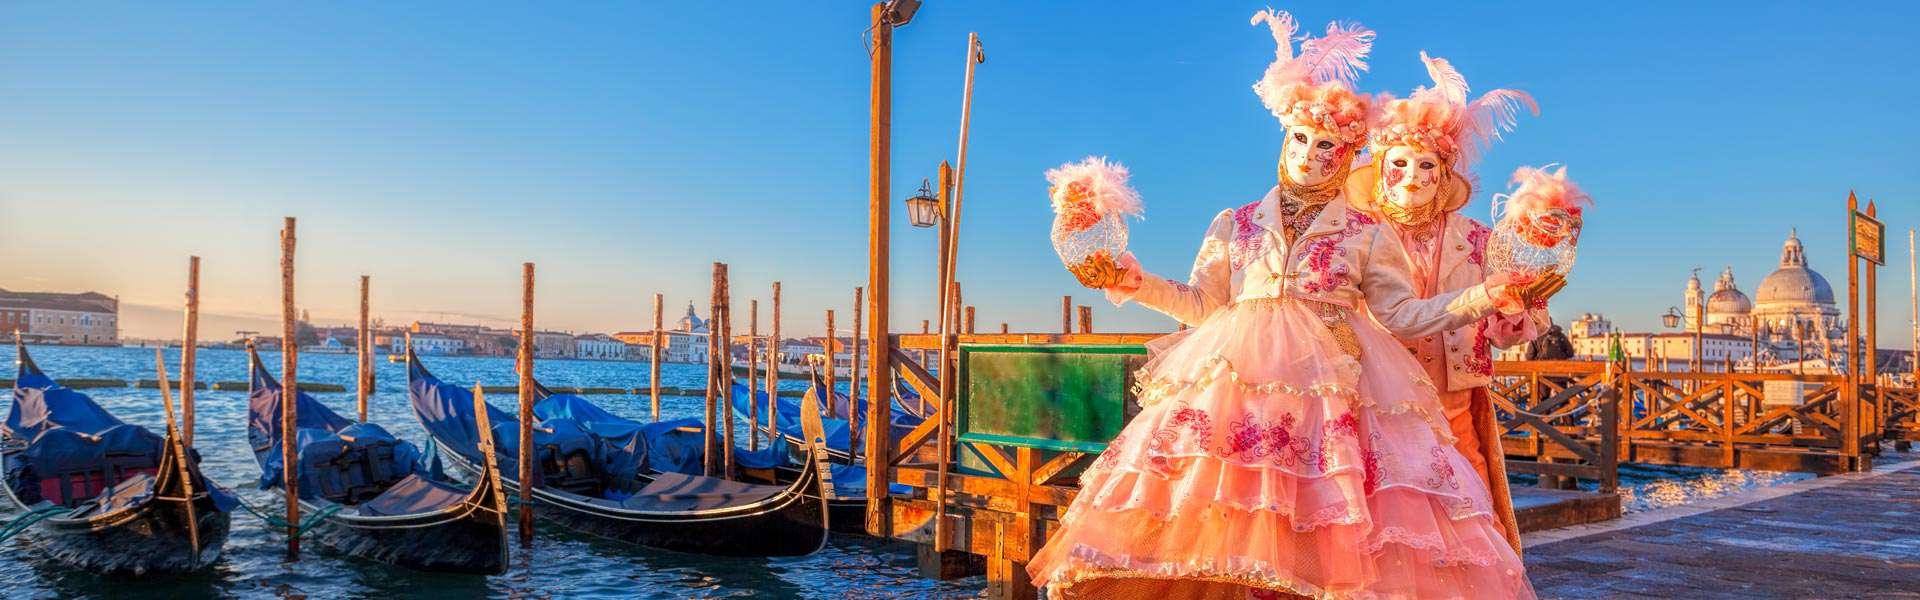 Magische Momente, barocke Kostüme: Karneval in Venedig